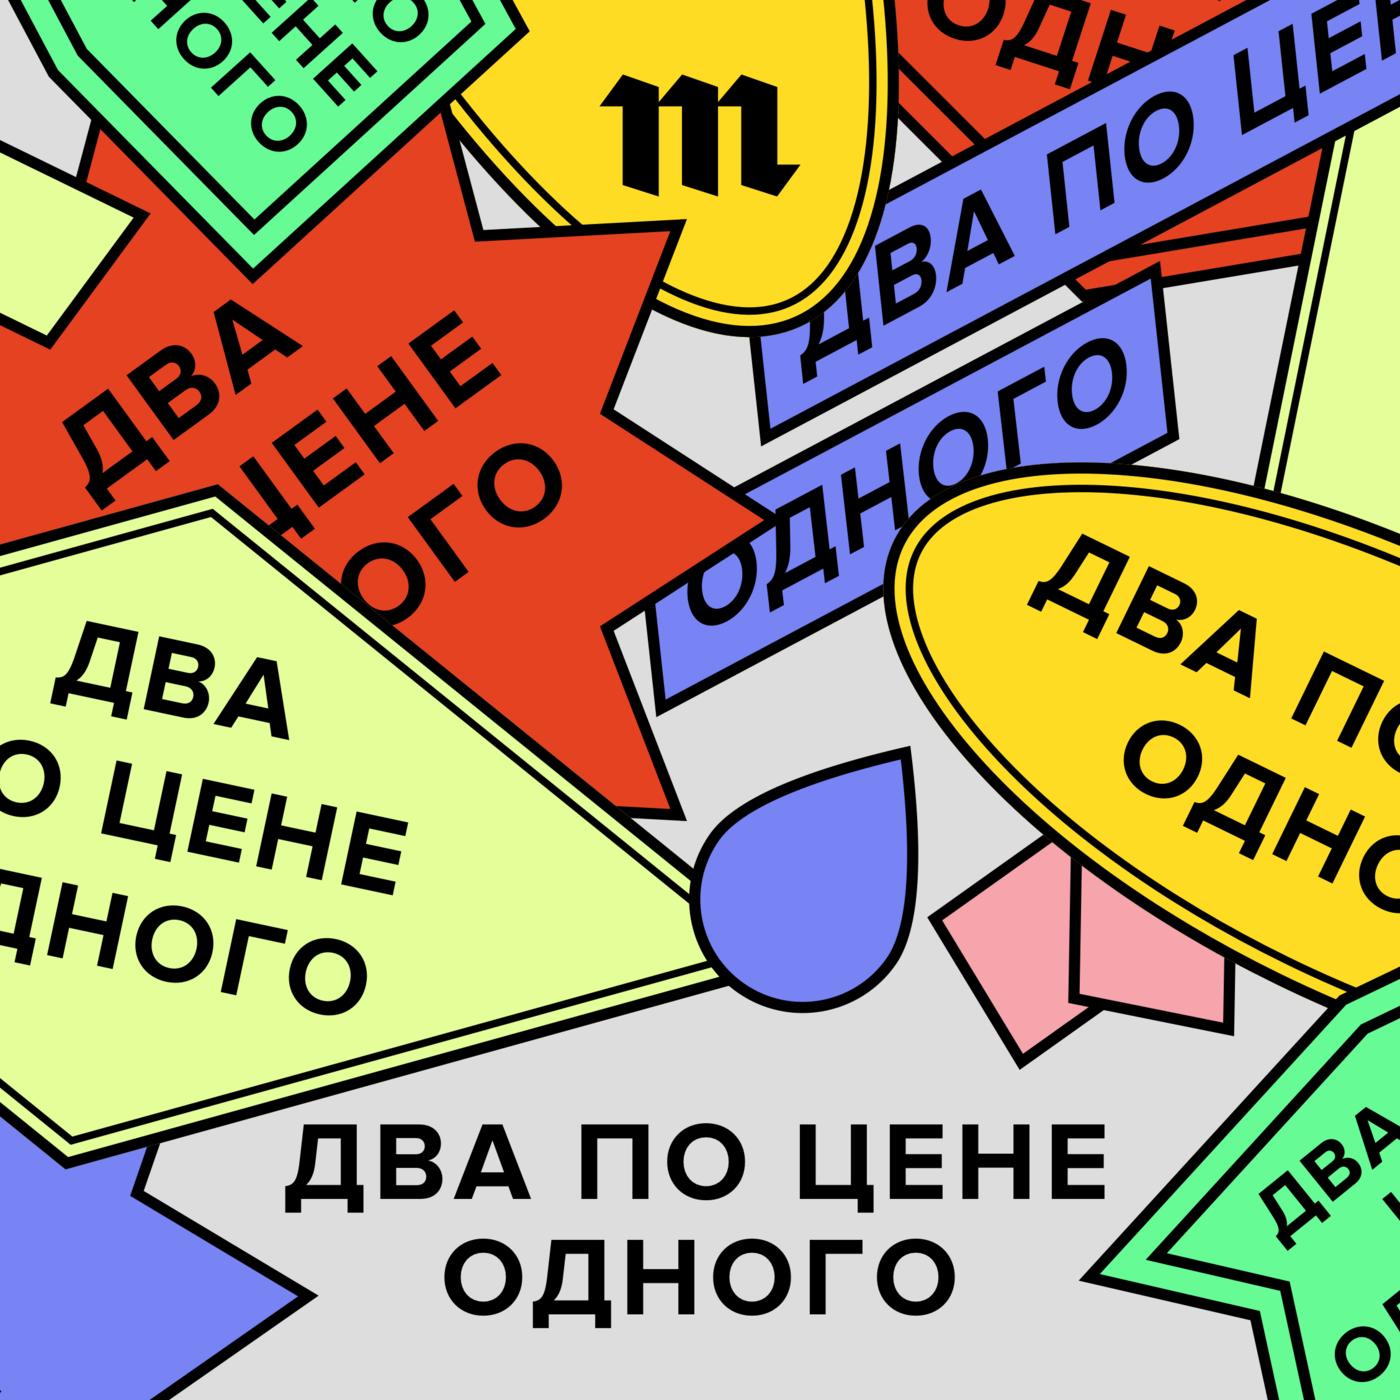 270 тысяч в год за троих, или как жить (а не выживать!) многодетным родителям в Москве